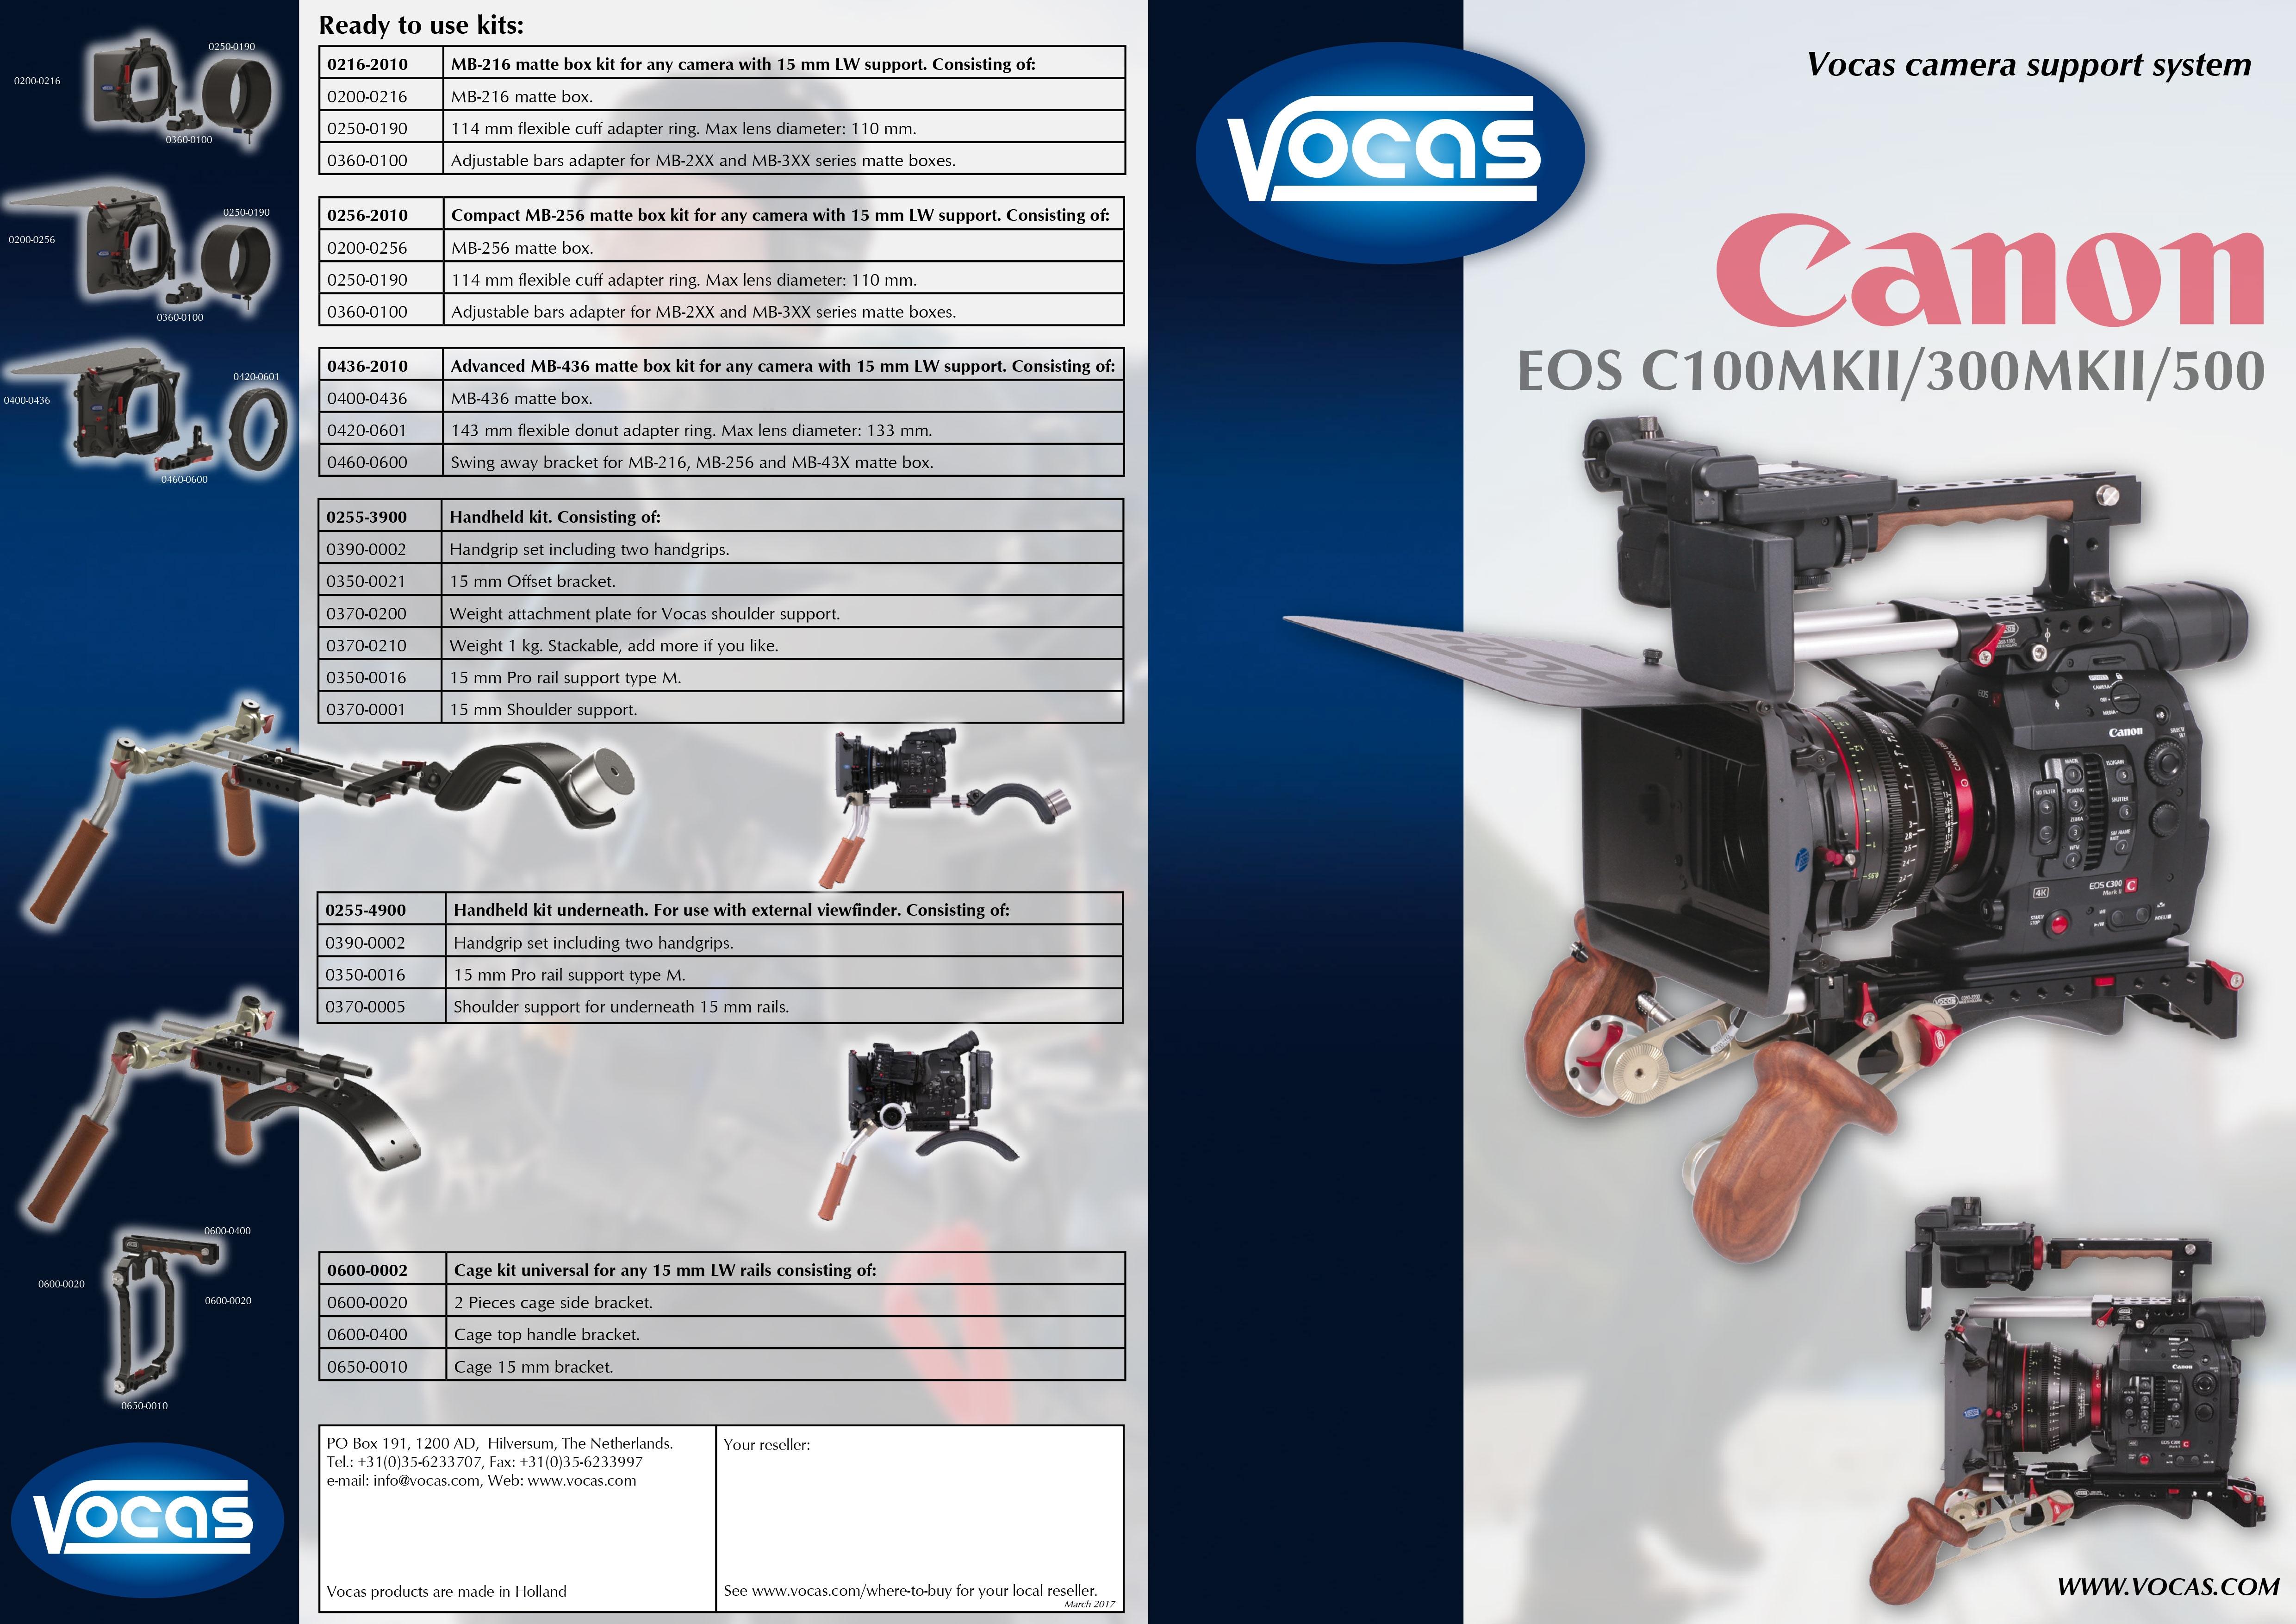 Vocas Canon C300